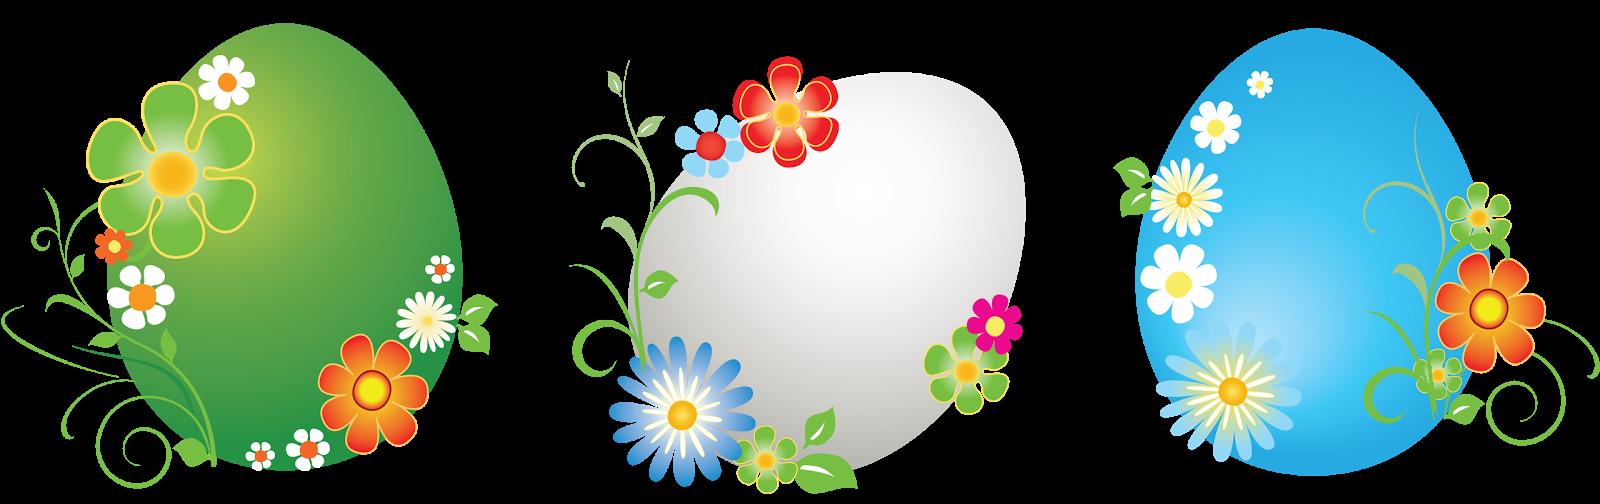 Auguri di Buona Pasqua!.